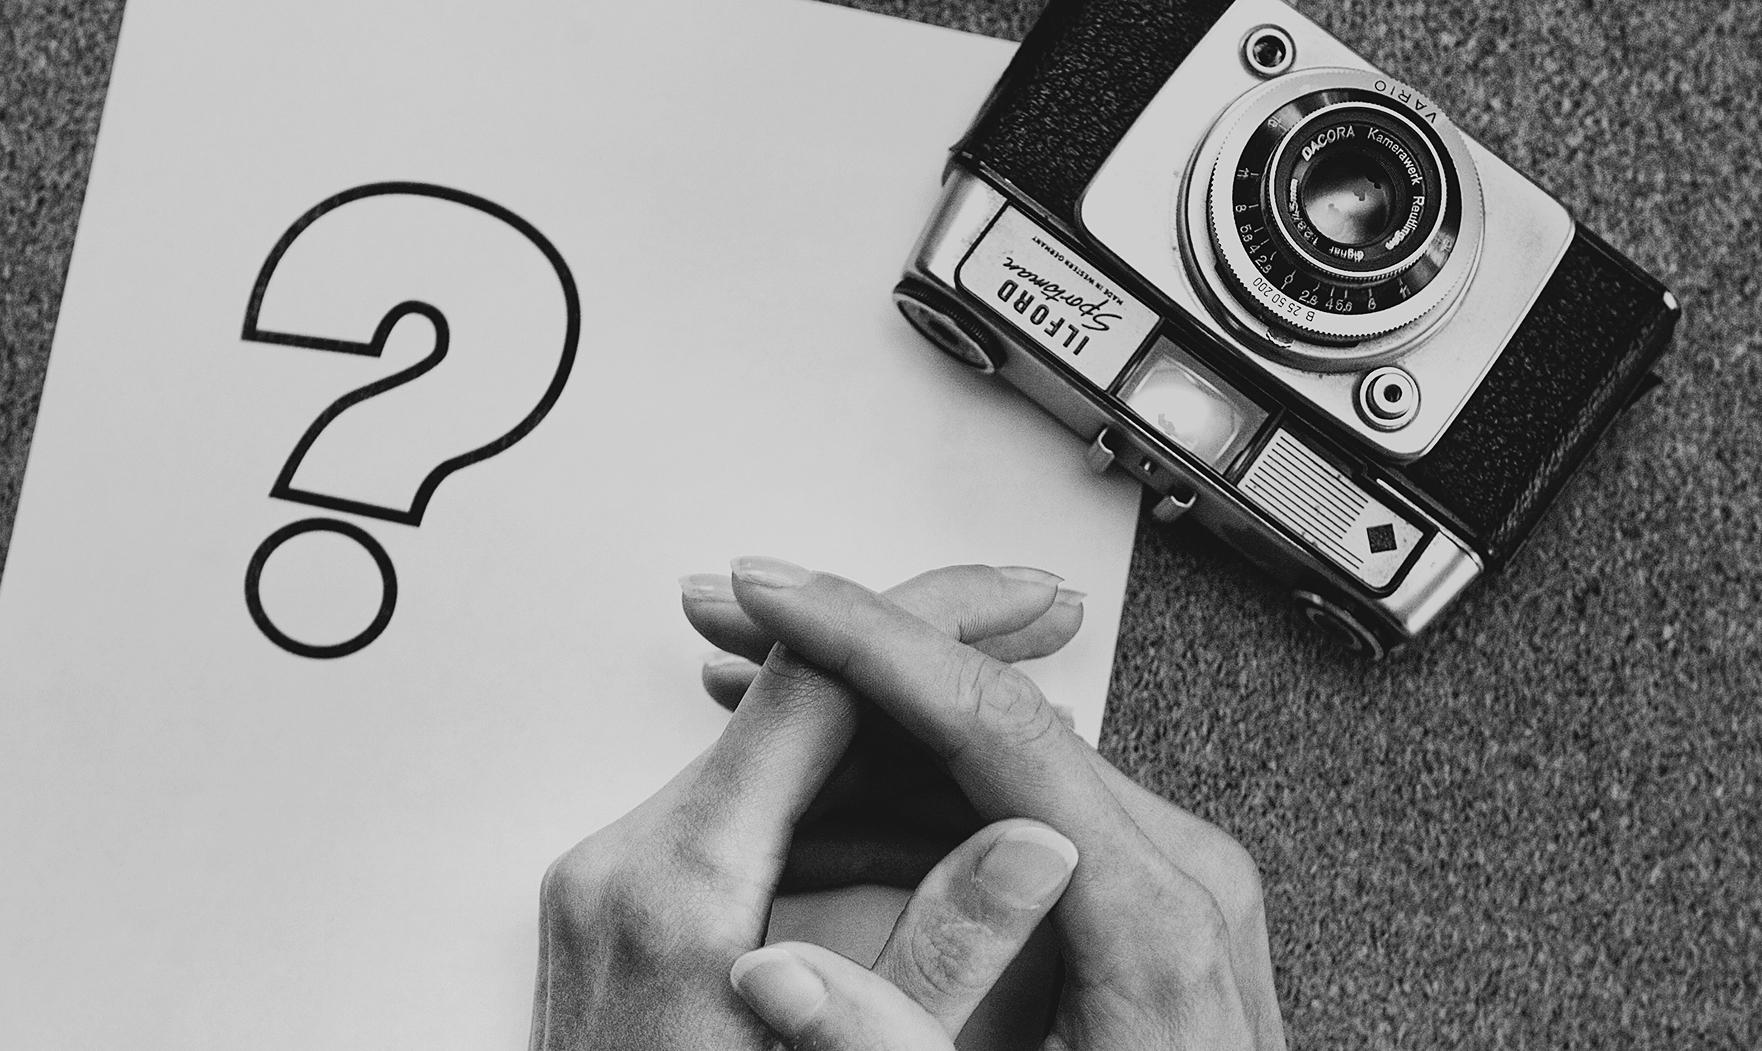 na zdjęciu są dłonie oarate o stół, aparat fotograficzny i symbol znaku zapytania